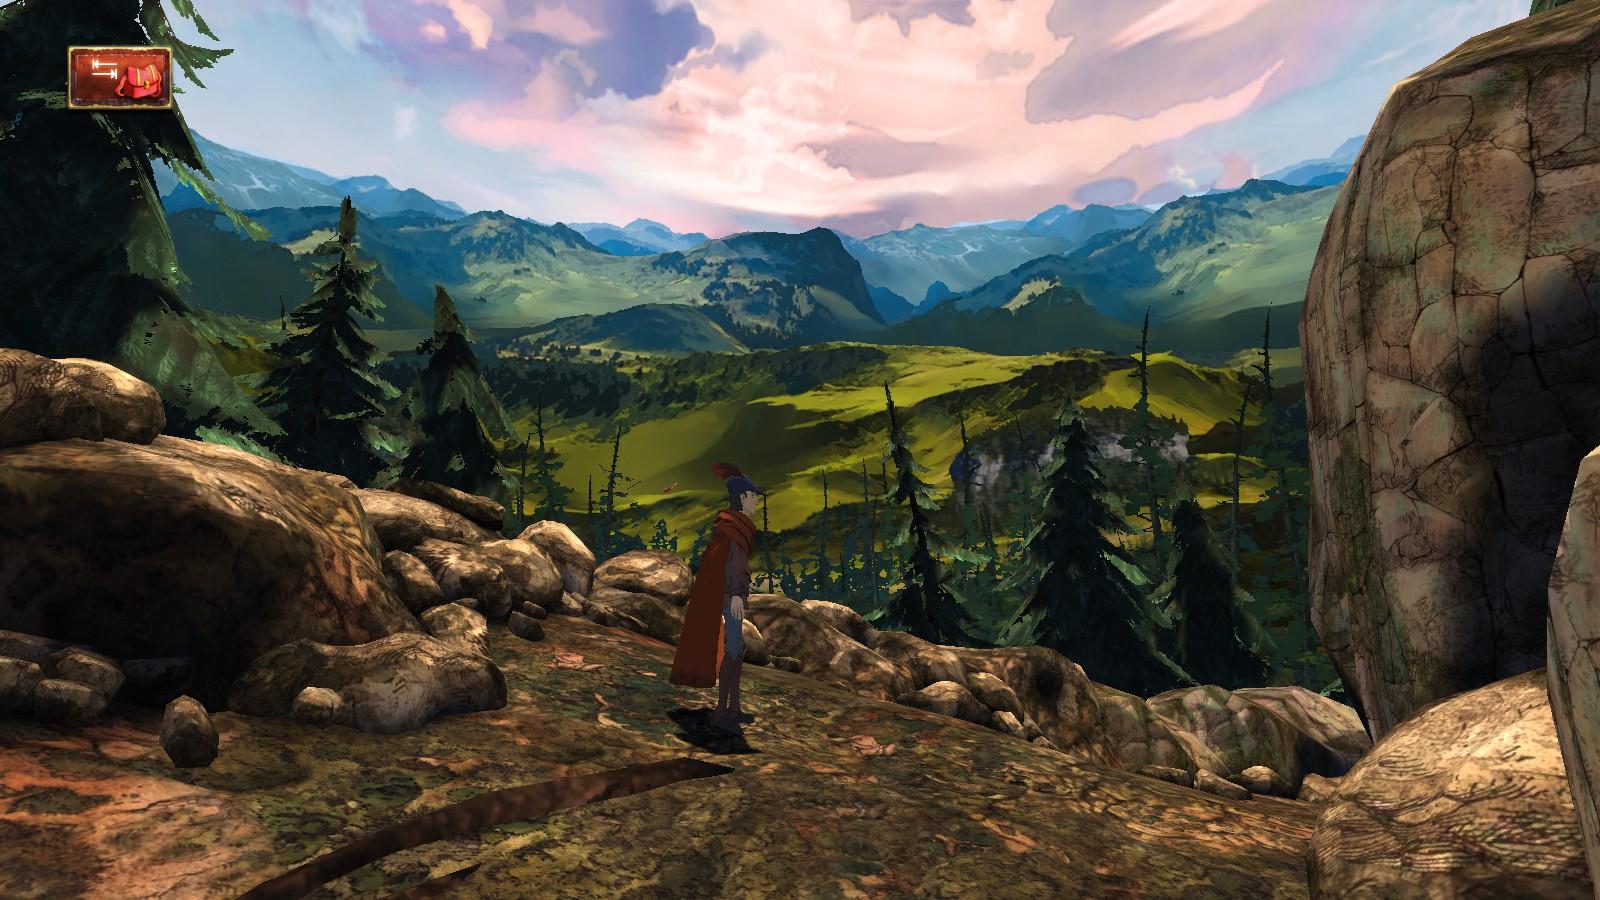 """""""Zaraz, zaraz... ostatni raz kiedy spoglądałem na ten krajobraz w tym miejscu znajdował się zamek..."""""""